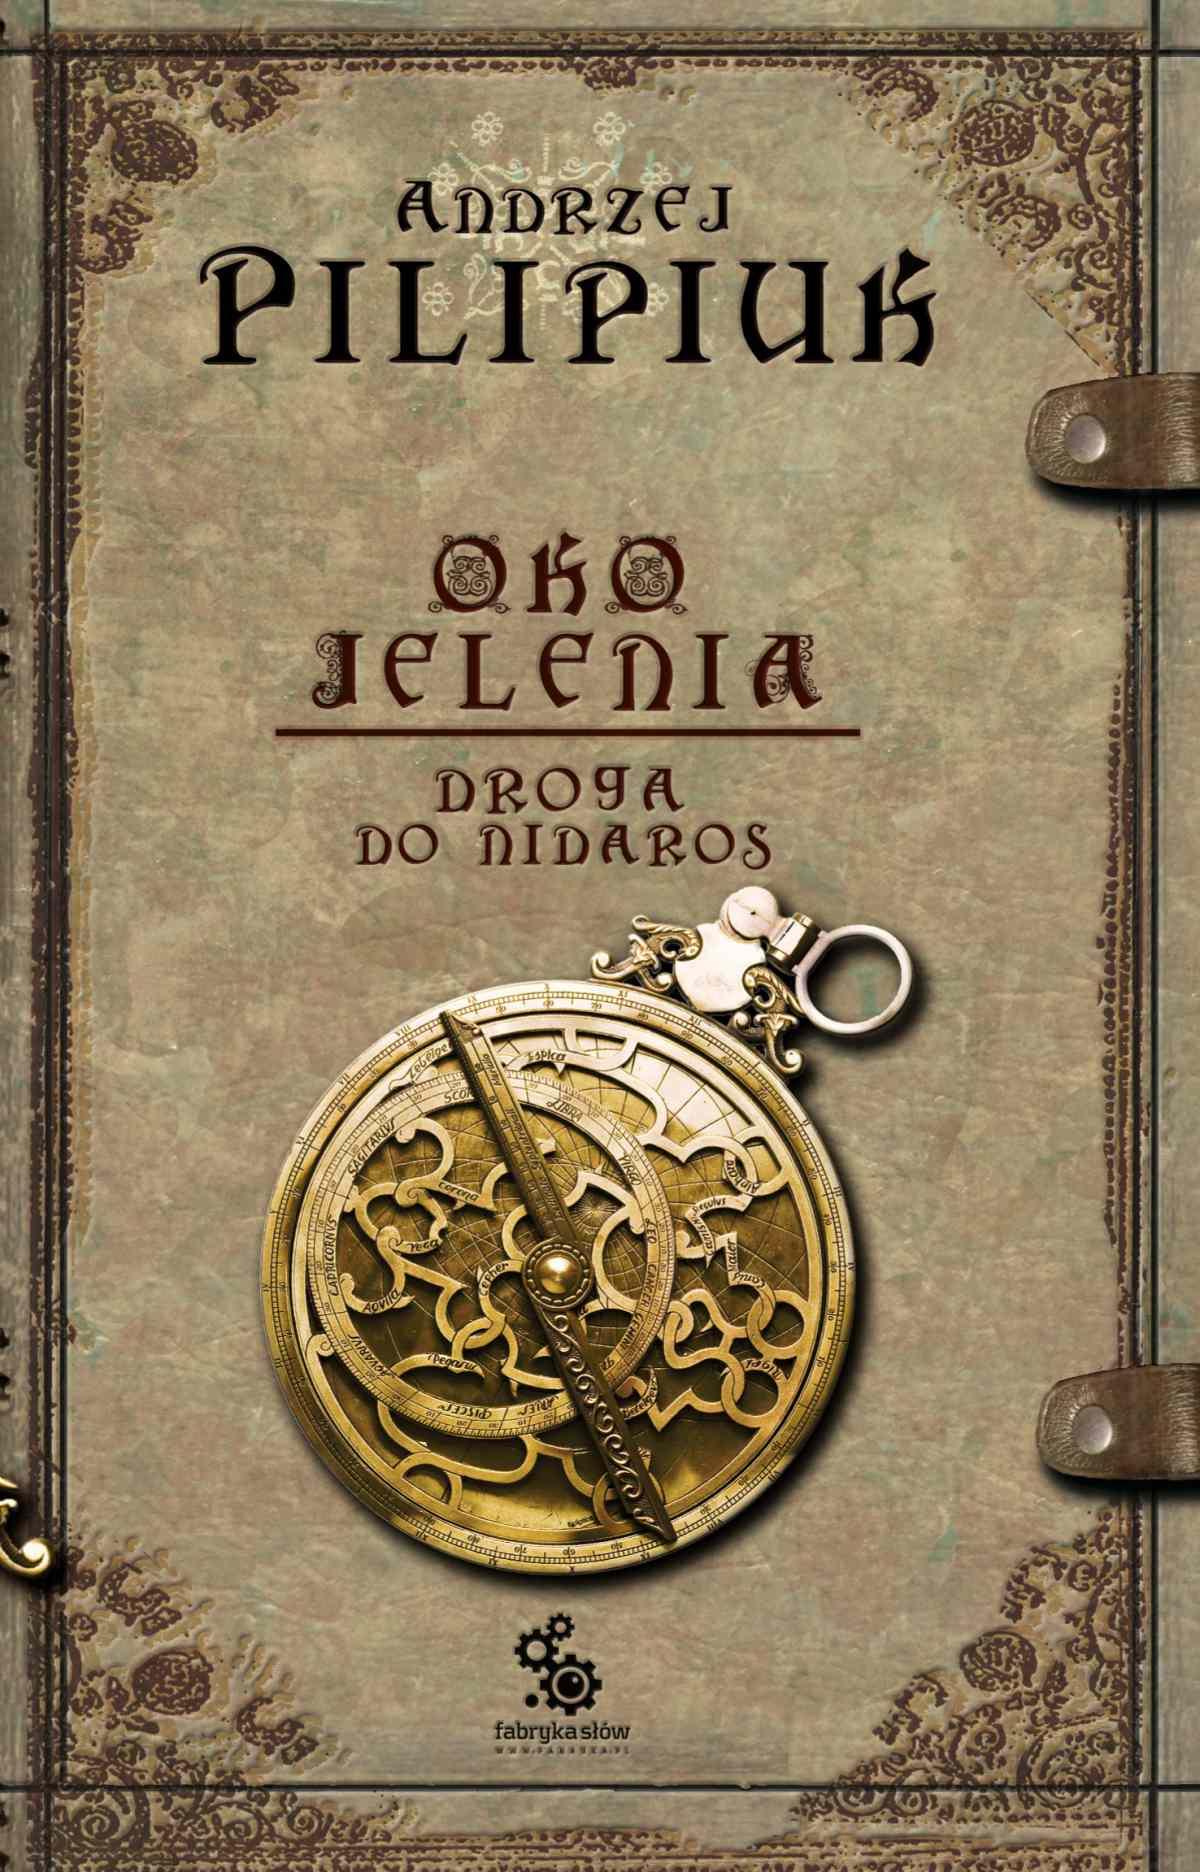 Oko Jelenia. Droga do Nidaros - Ebook (Książka EPUB) do pobrania w formacie EPUB